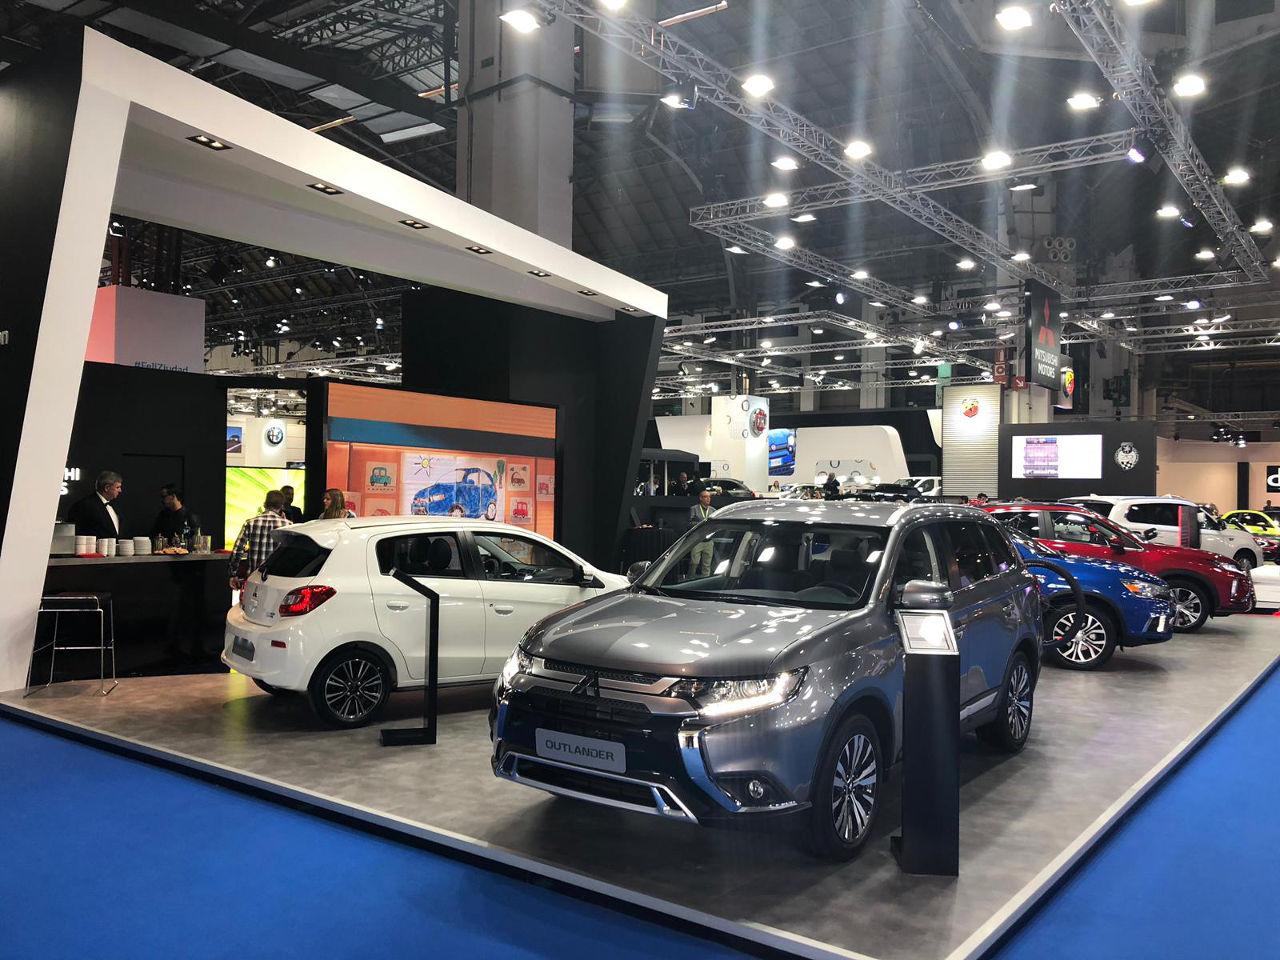 Prueba el Mitsubishi Outlander PHEV en Automobile Barcelona